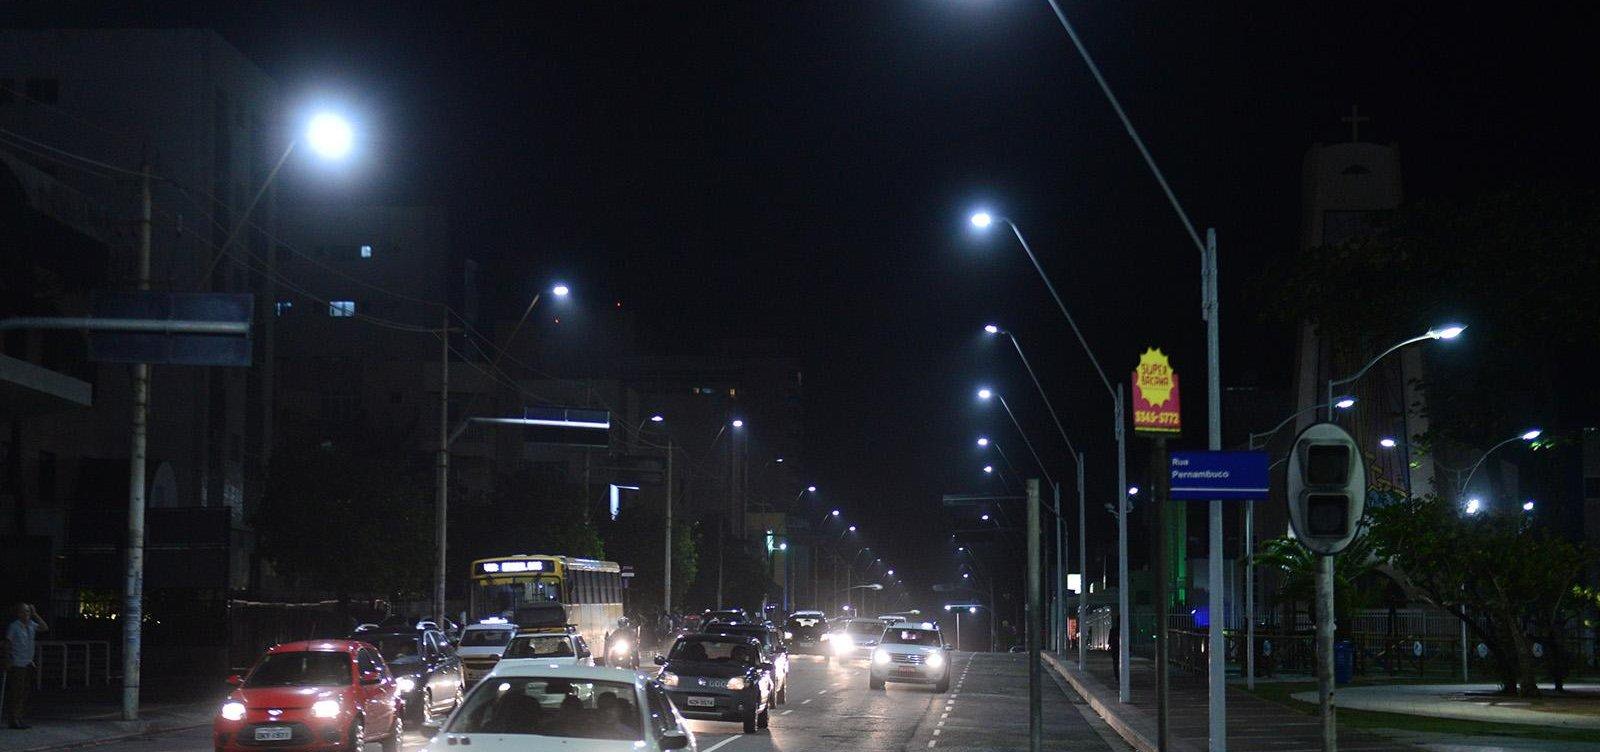 Após suspensão de PPP, prefeitura aditiva em R$ 14 milhões contrato de iluminação pública